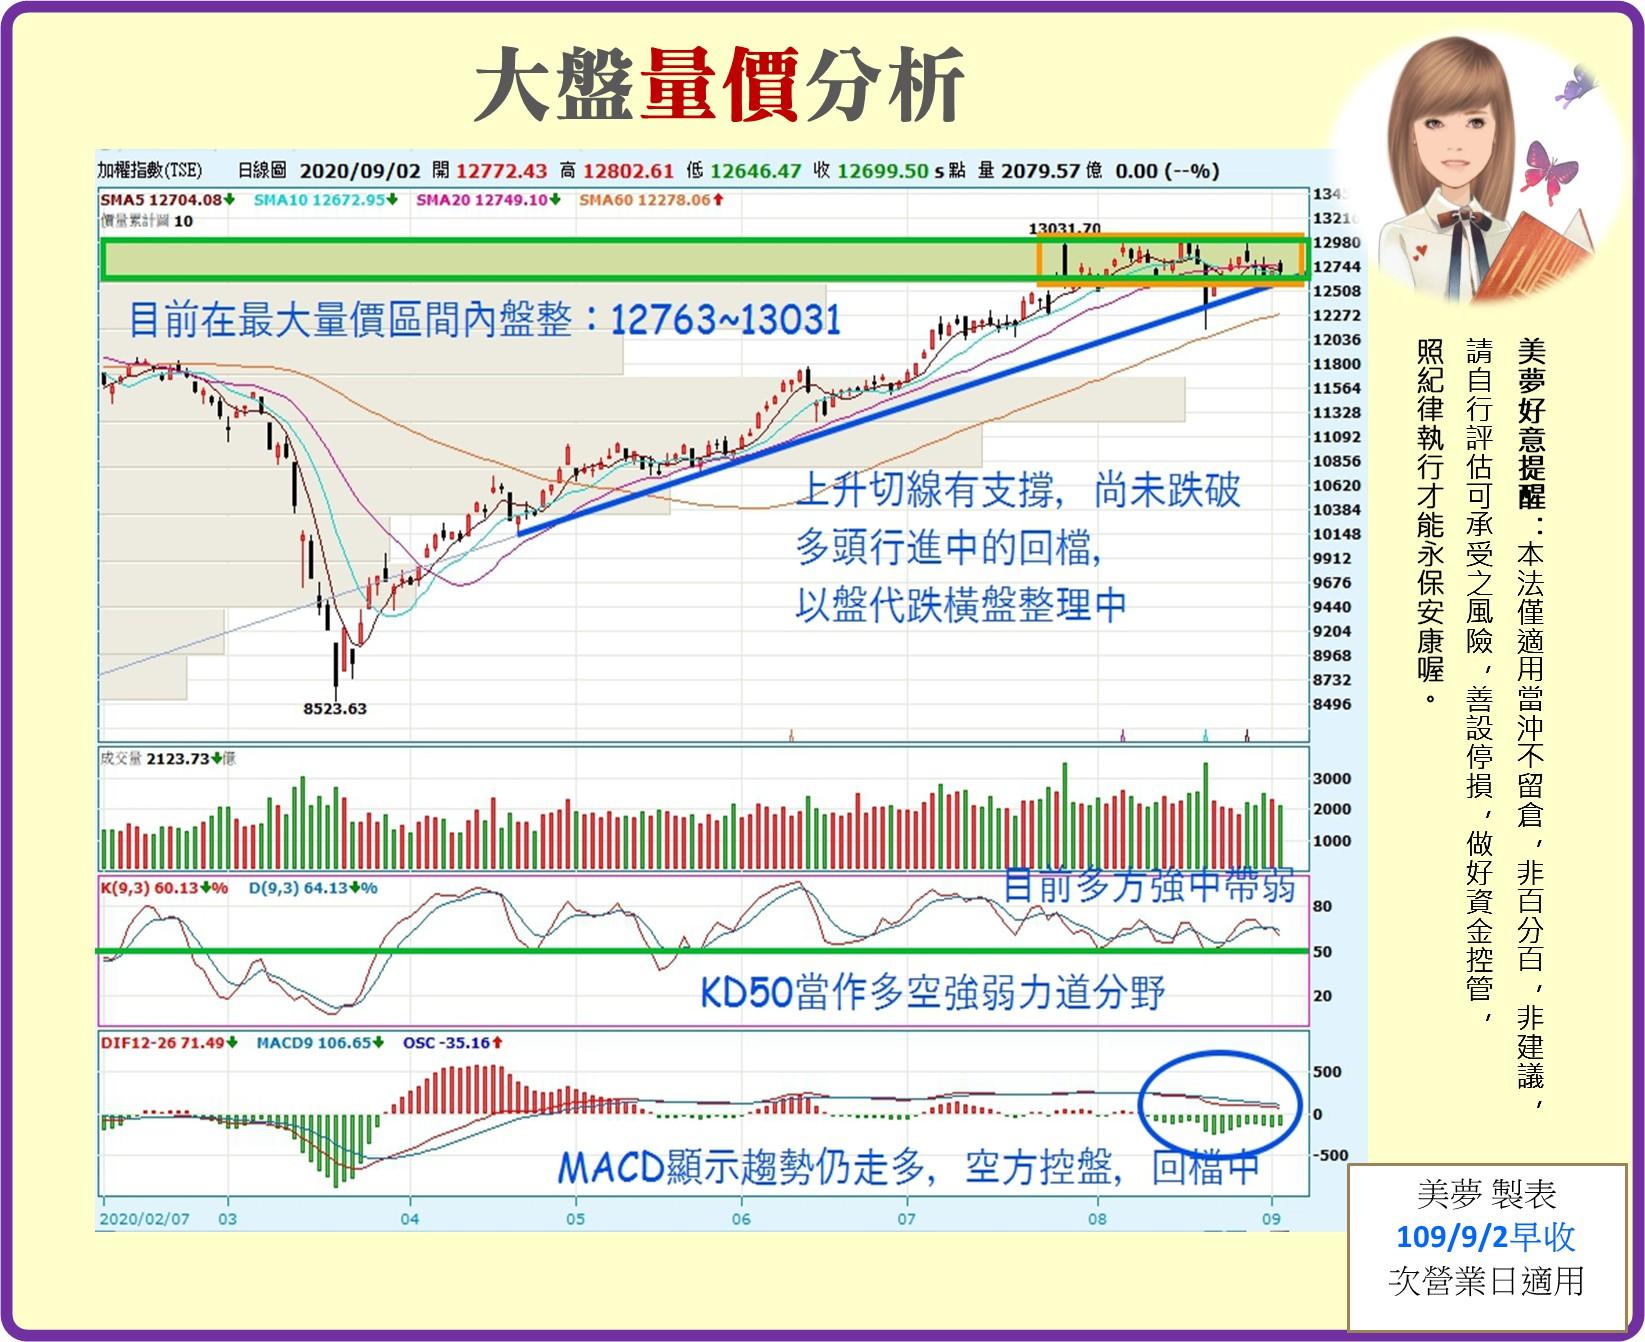 1090903 美夢冠軍-股市_02